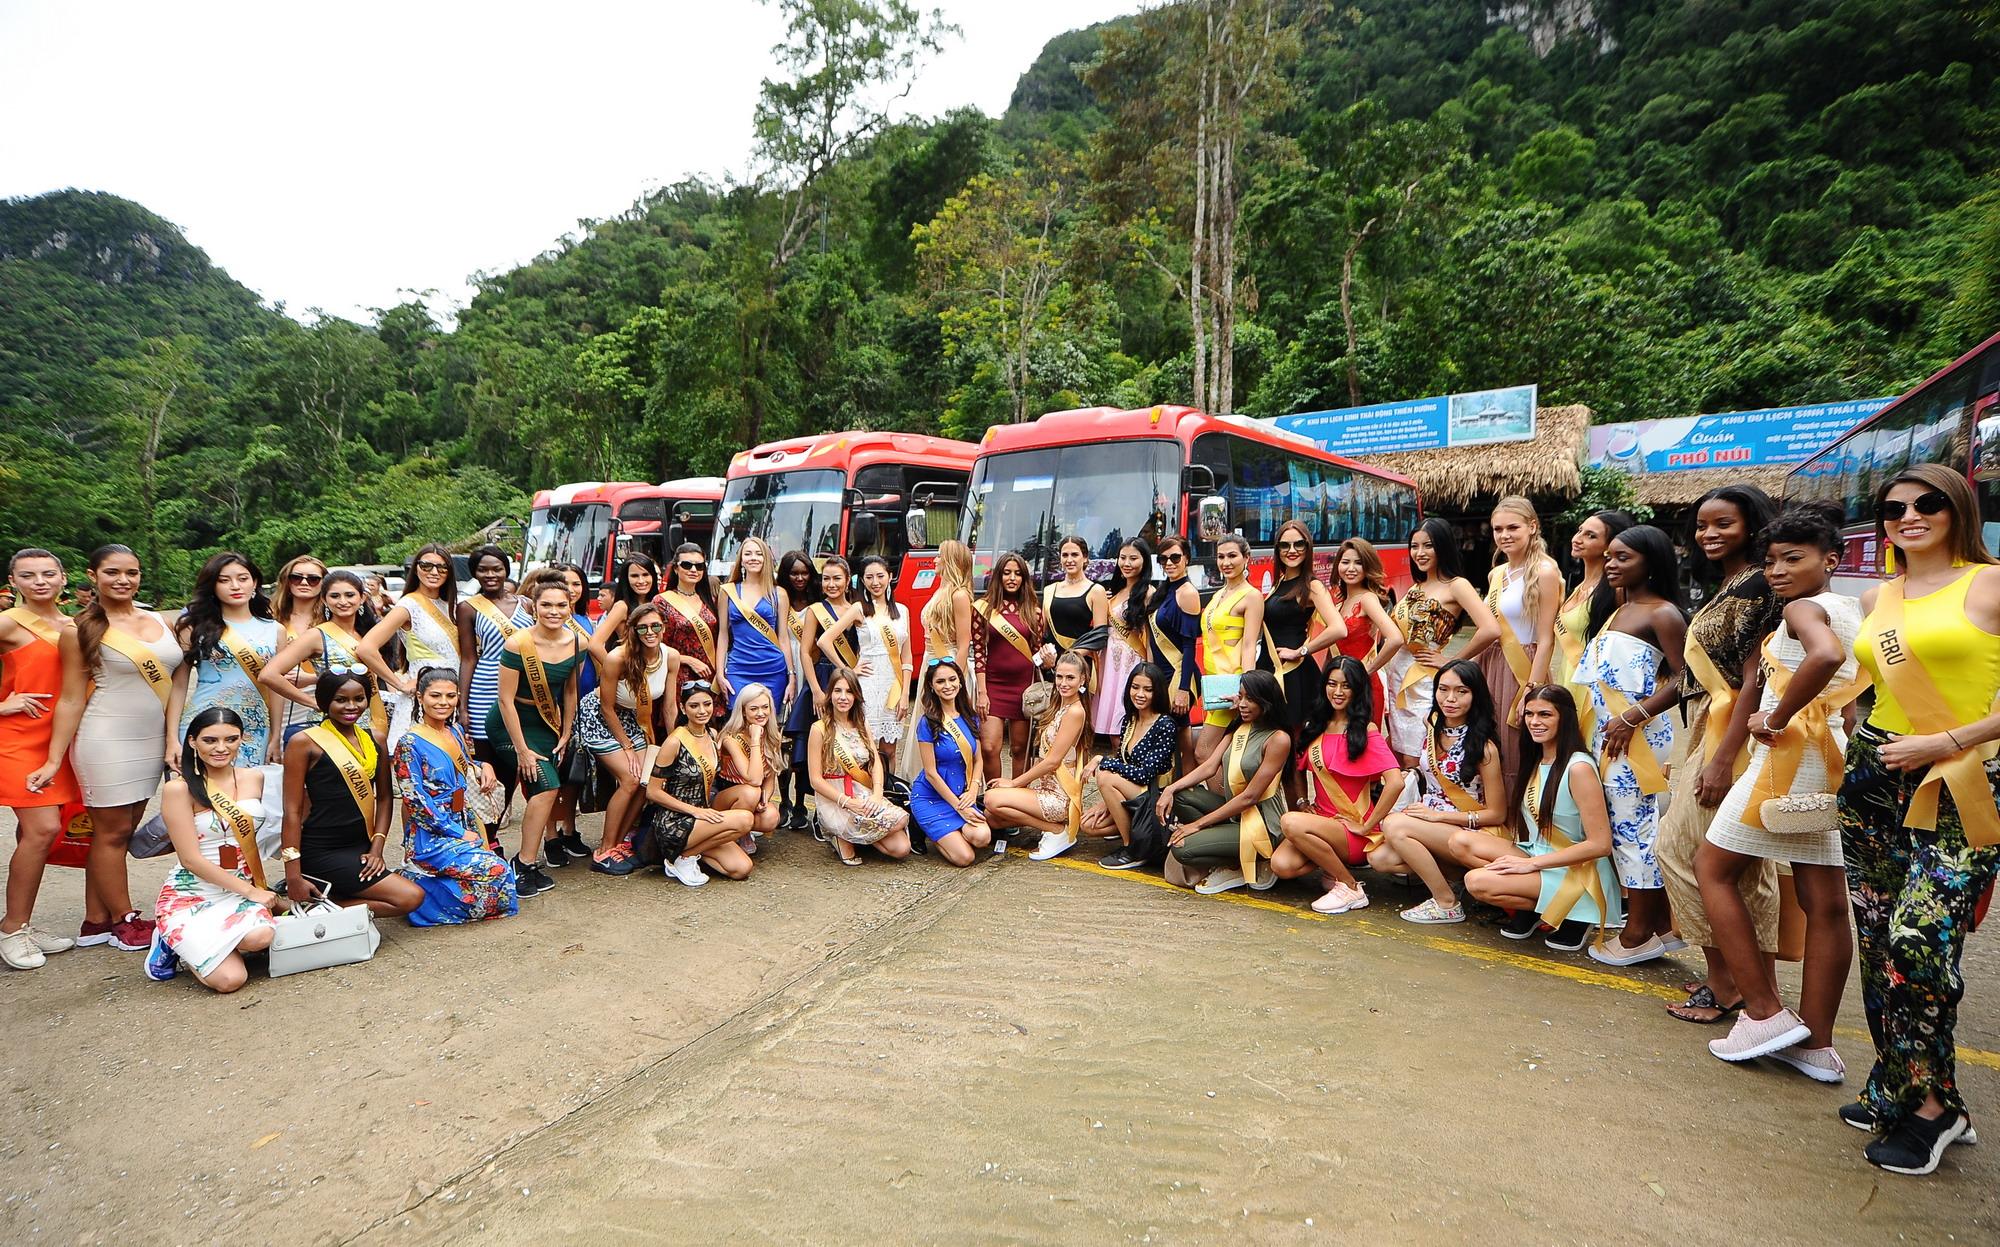 Huyền My xinh đẹp đọ sắc cùng các thí sinh Miss Grand International tại động Thiên Đường - Ảnh 3.